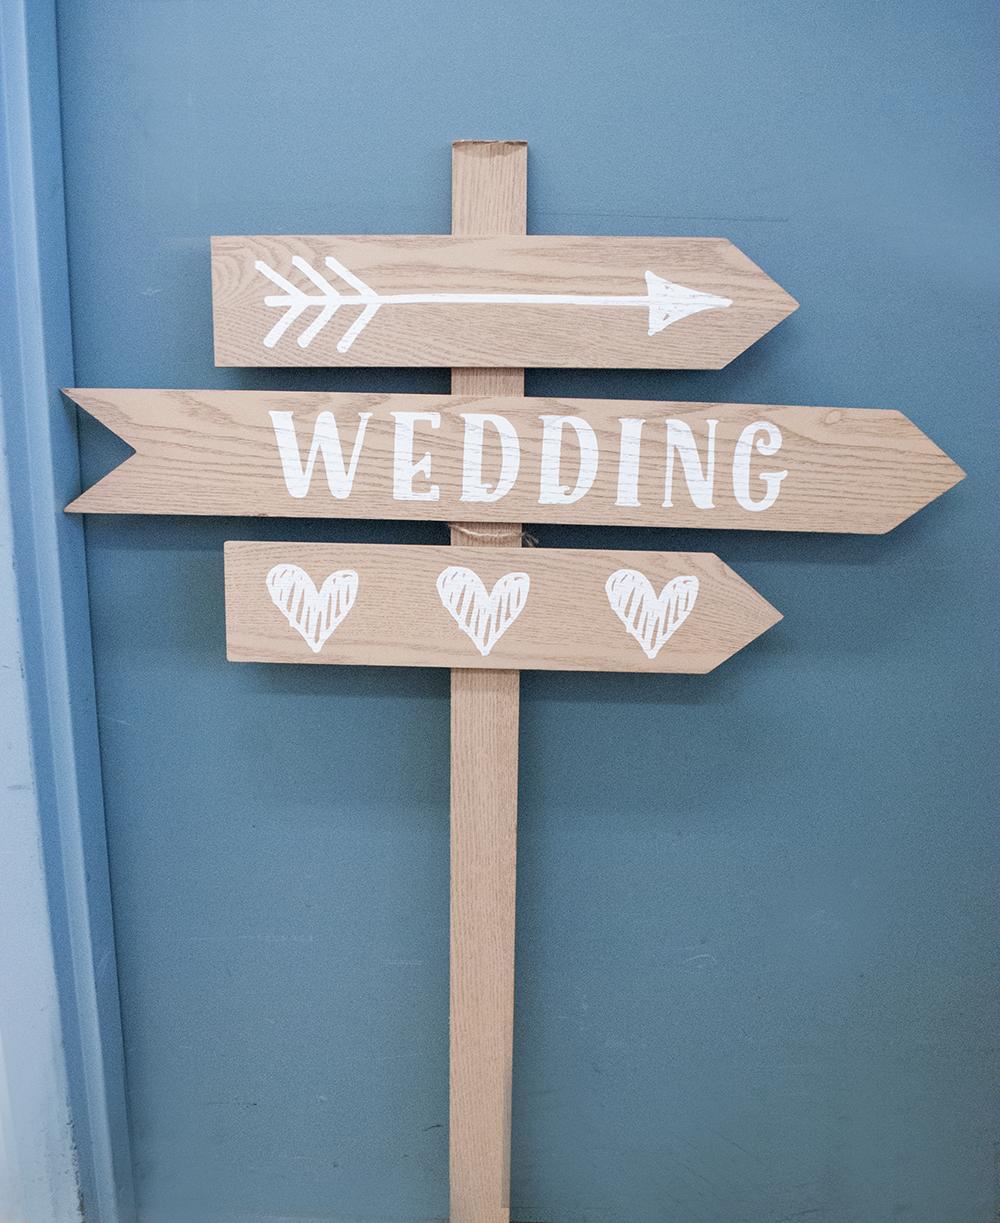 3 arrow post - wedding  Quantity: 1  Price: $25.00